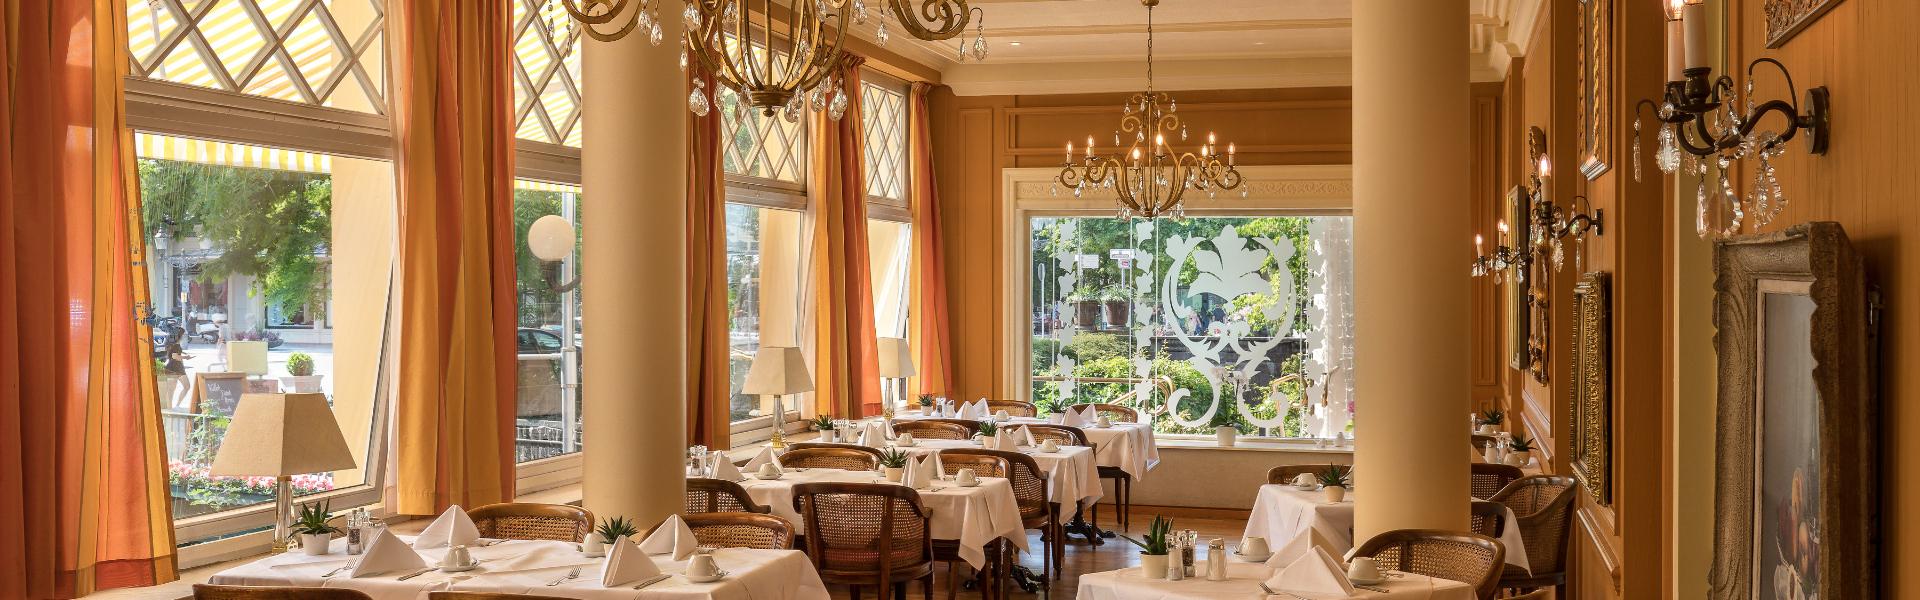 Restaurant & Winter Garden - Atlantic Parkhotel - Baden-Baden